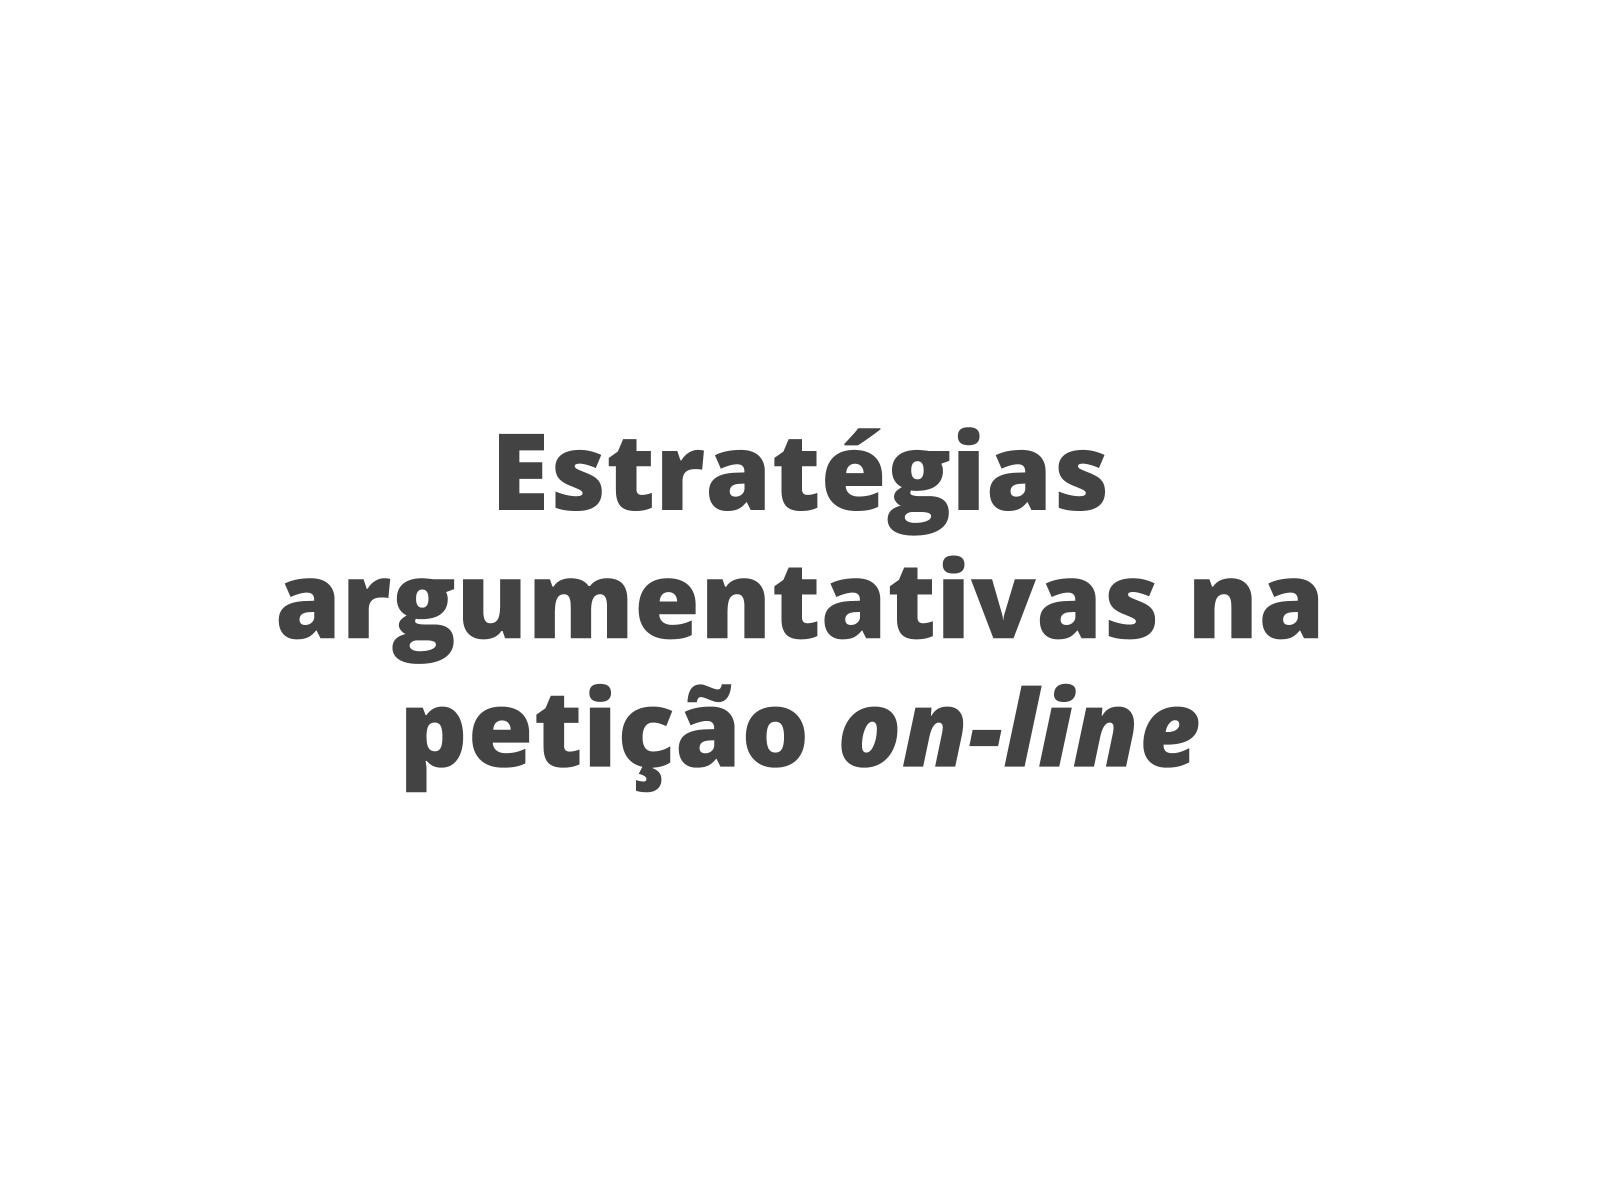 Estratégias argumentativas em petições on-line